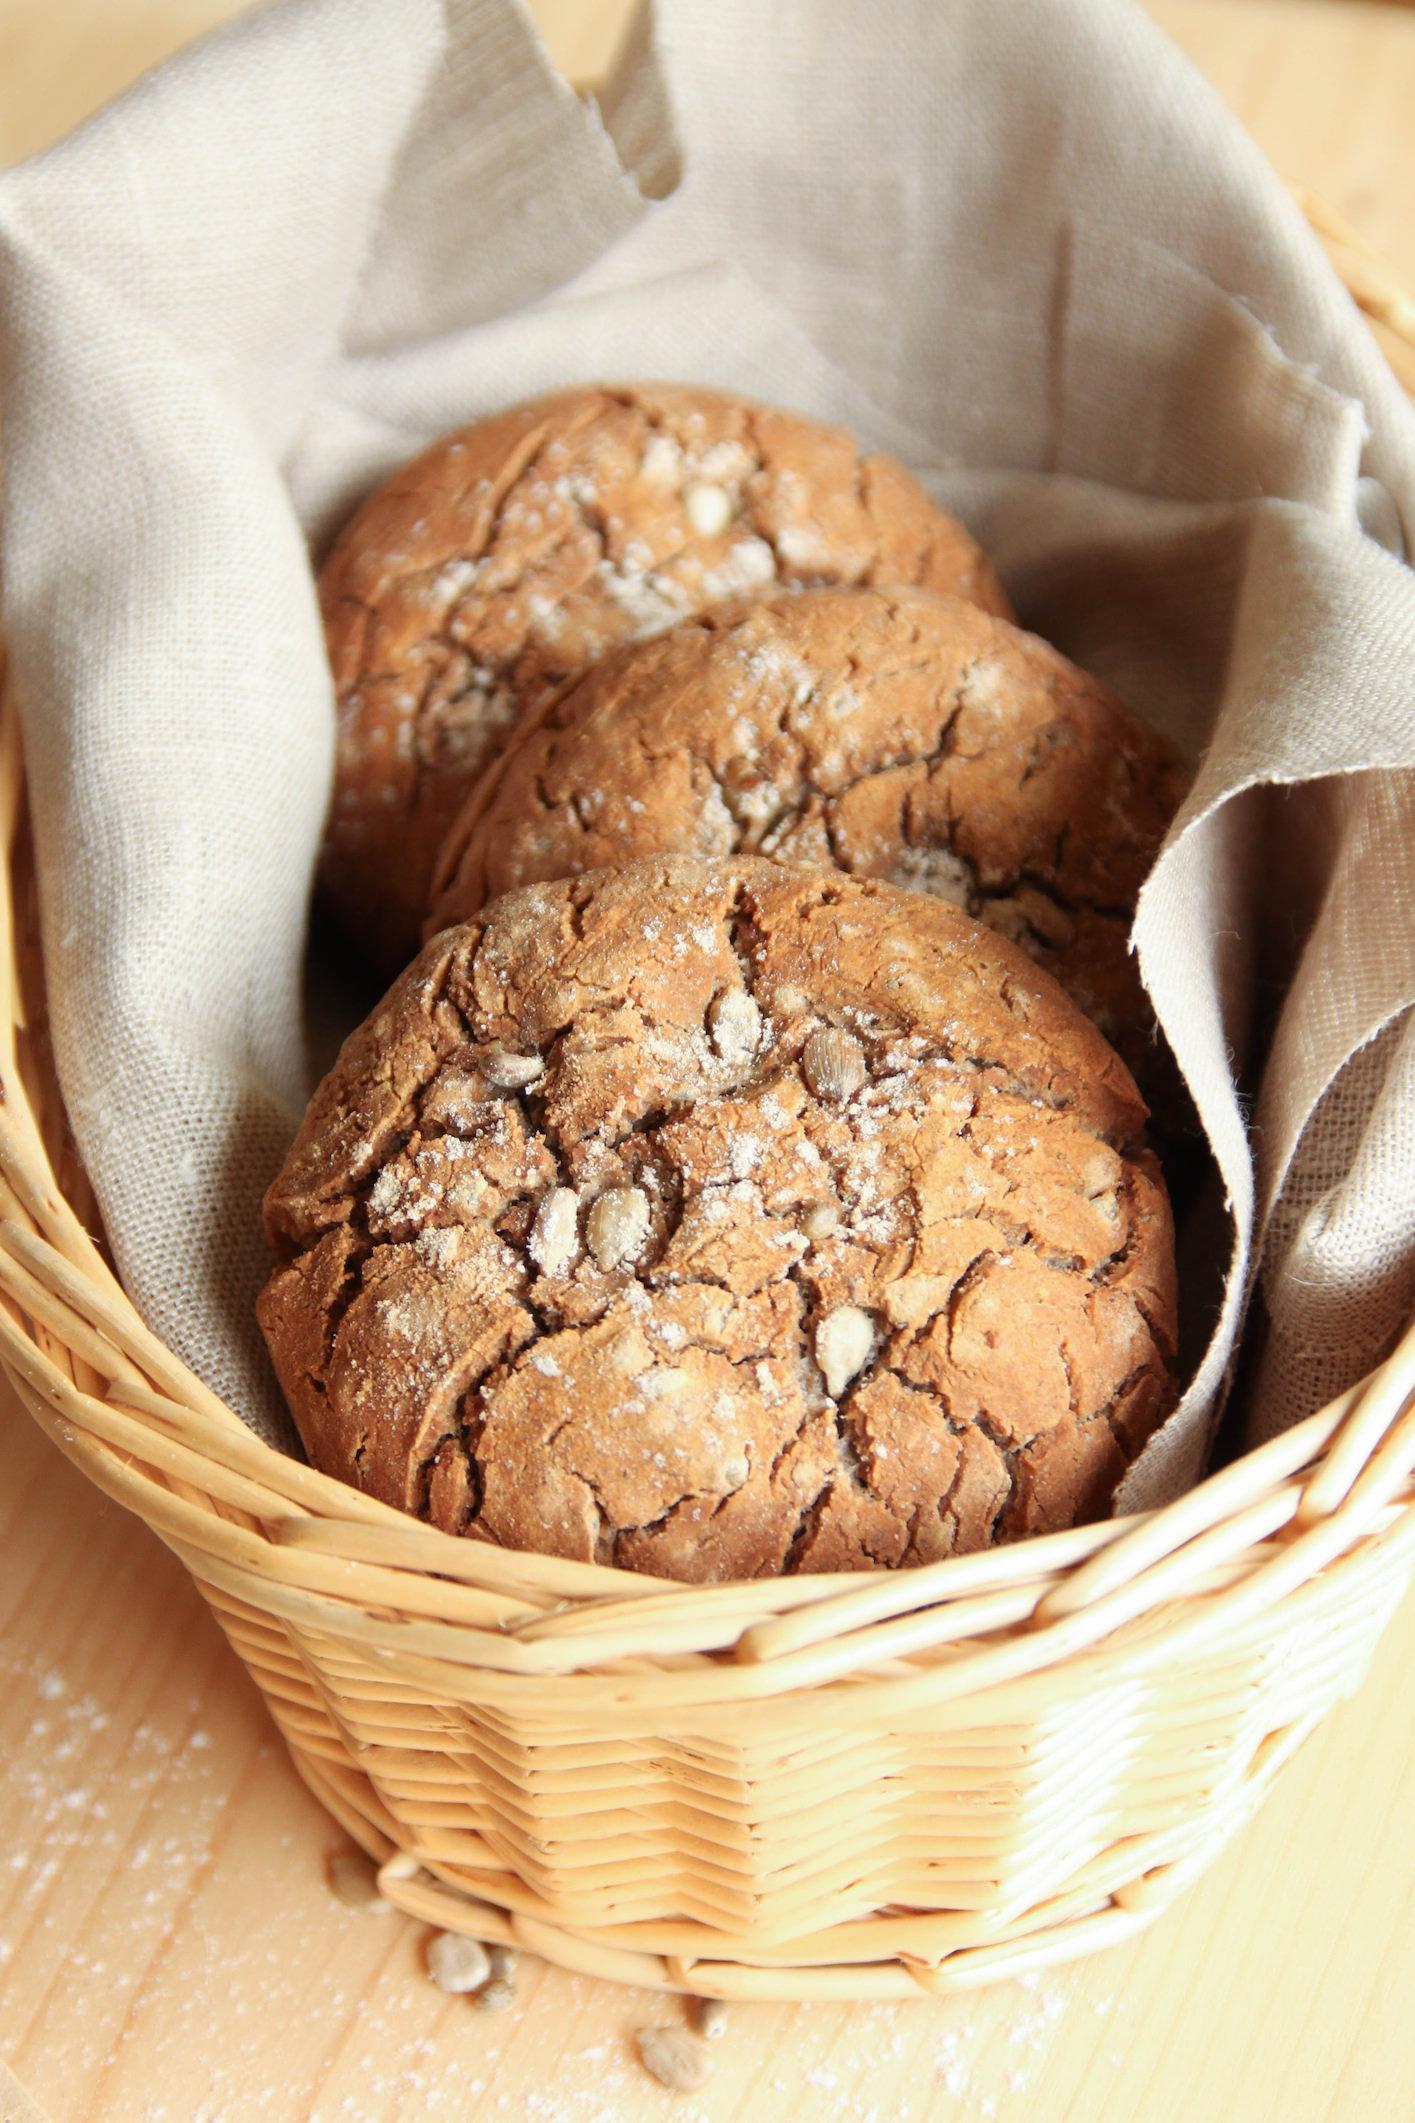 Petits pains sans gluten aux graines de chanvre, de tournesol et de pavot